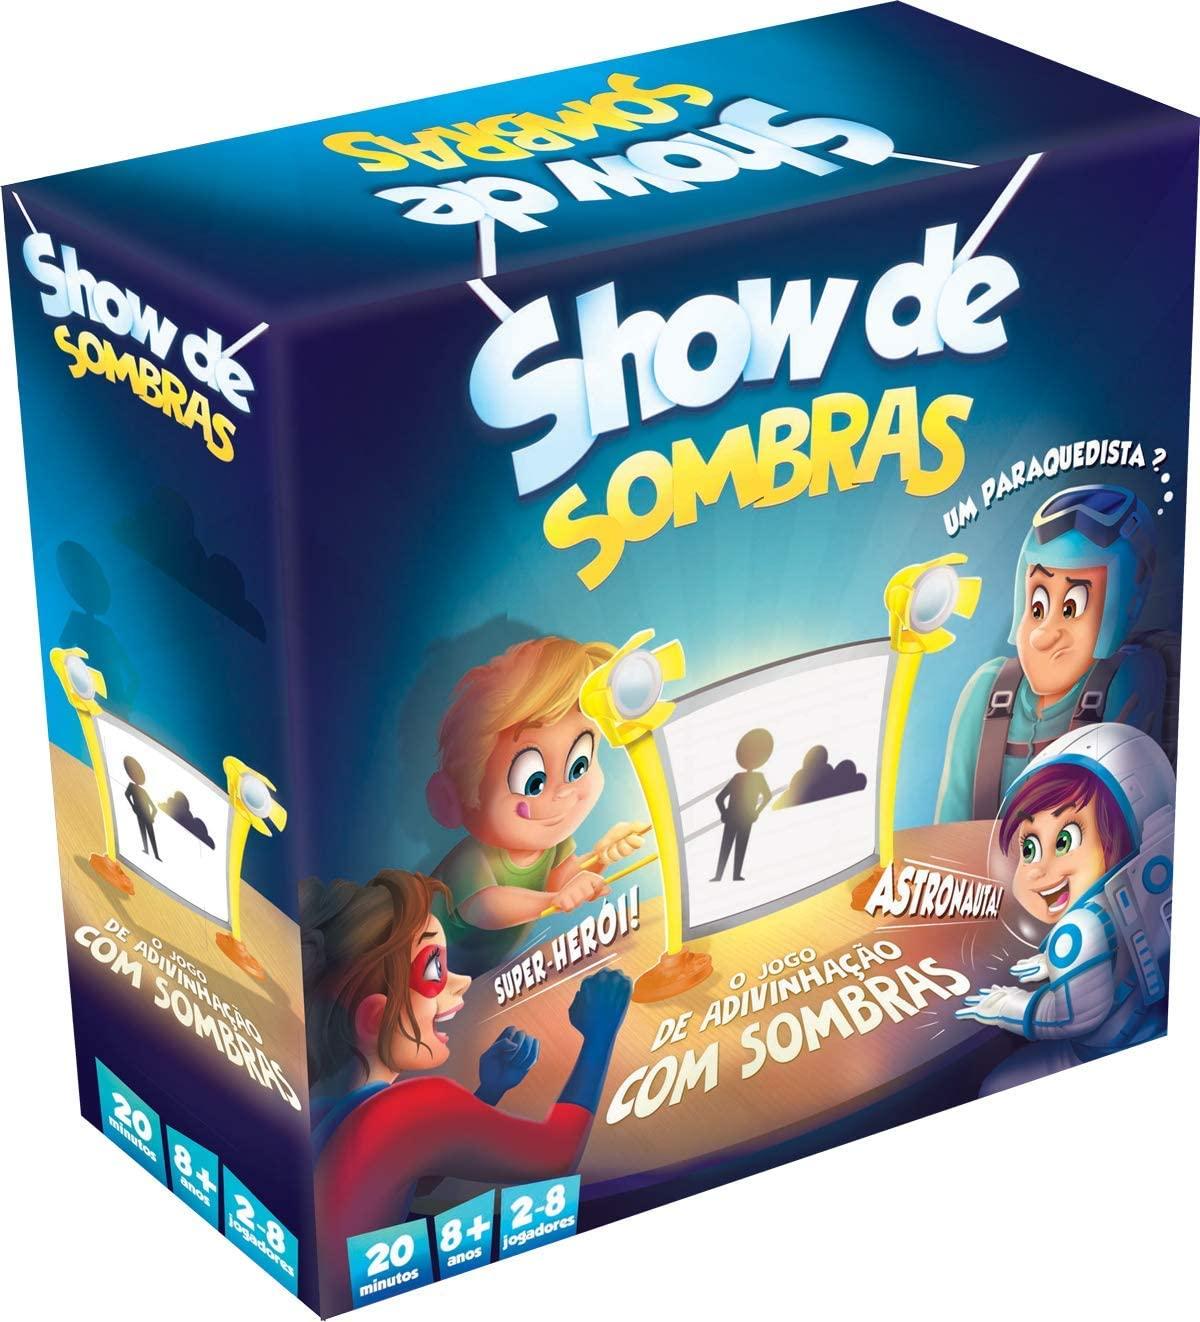 Jogo de Tabuleiro Show de Sombras - Galápagos Jogos